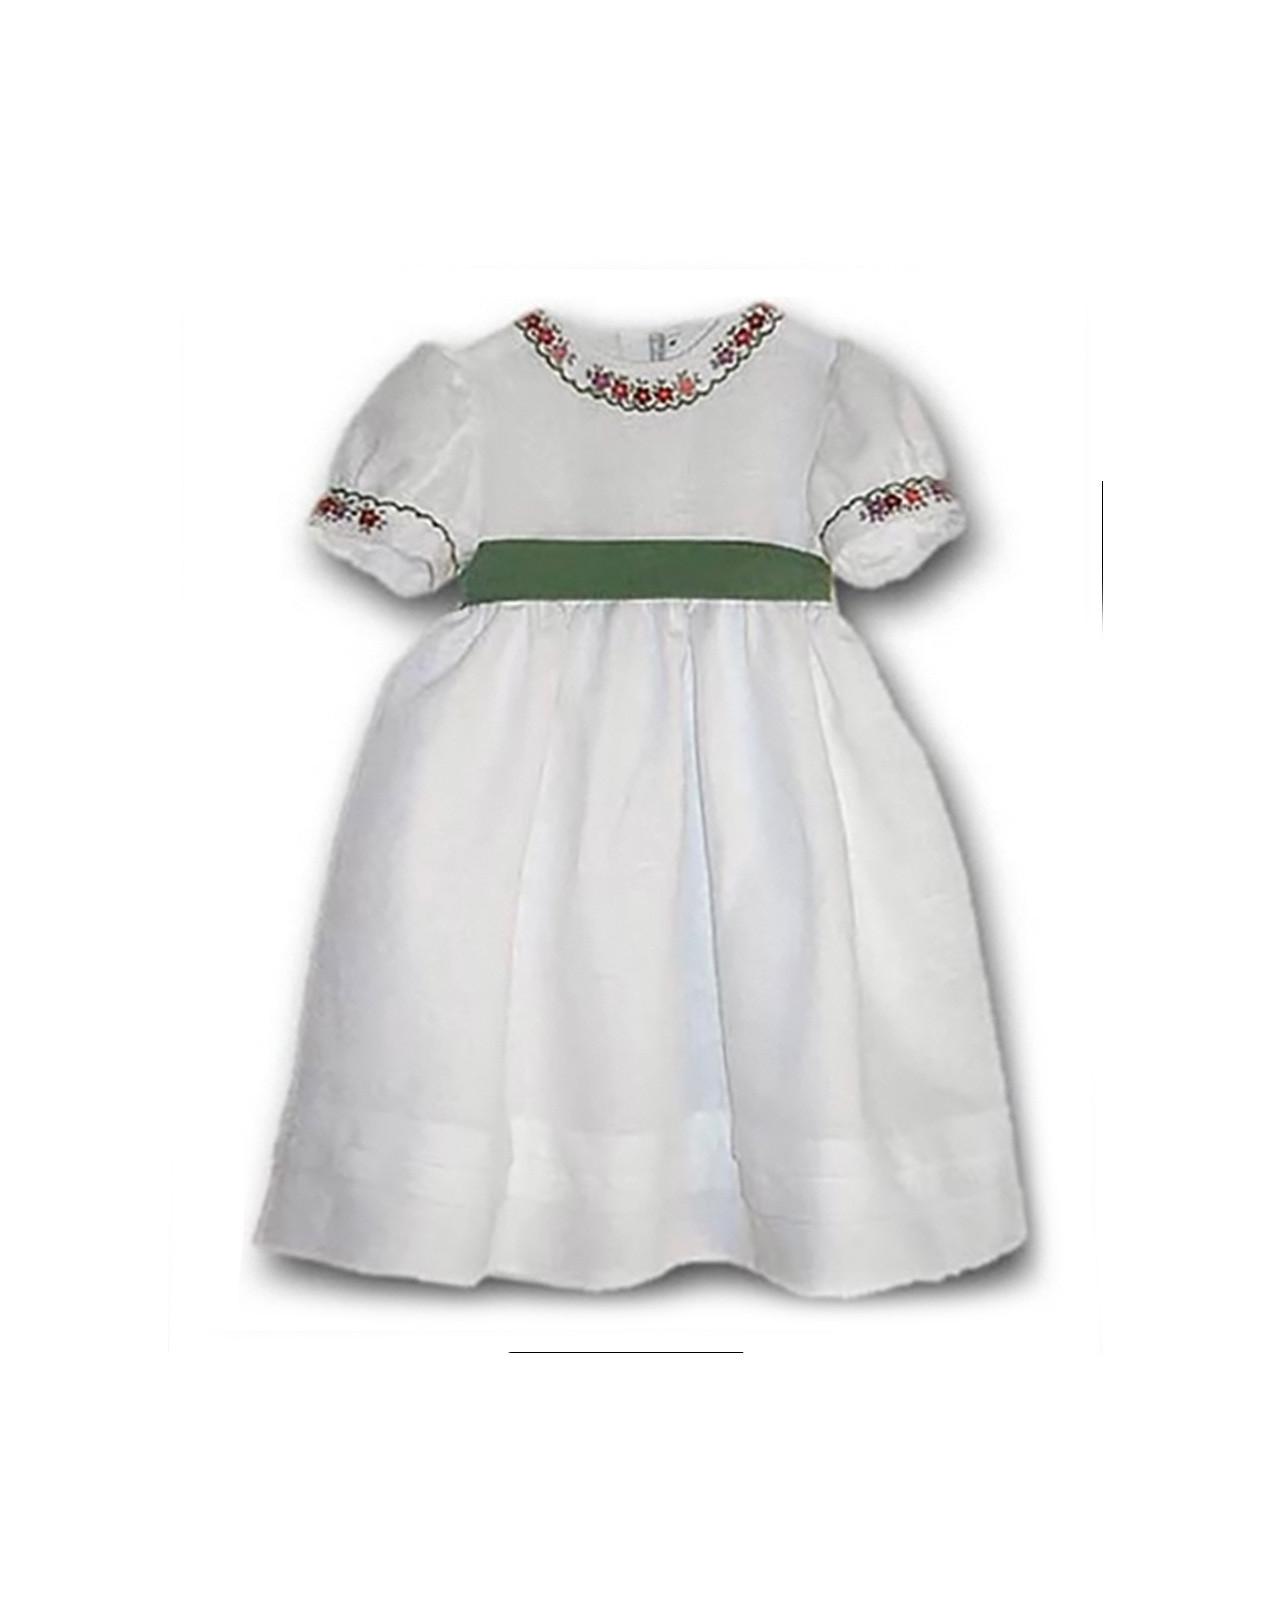 Violent girl linen embroidered does